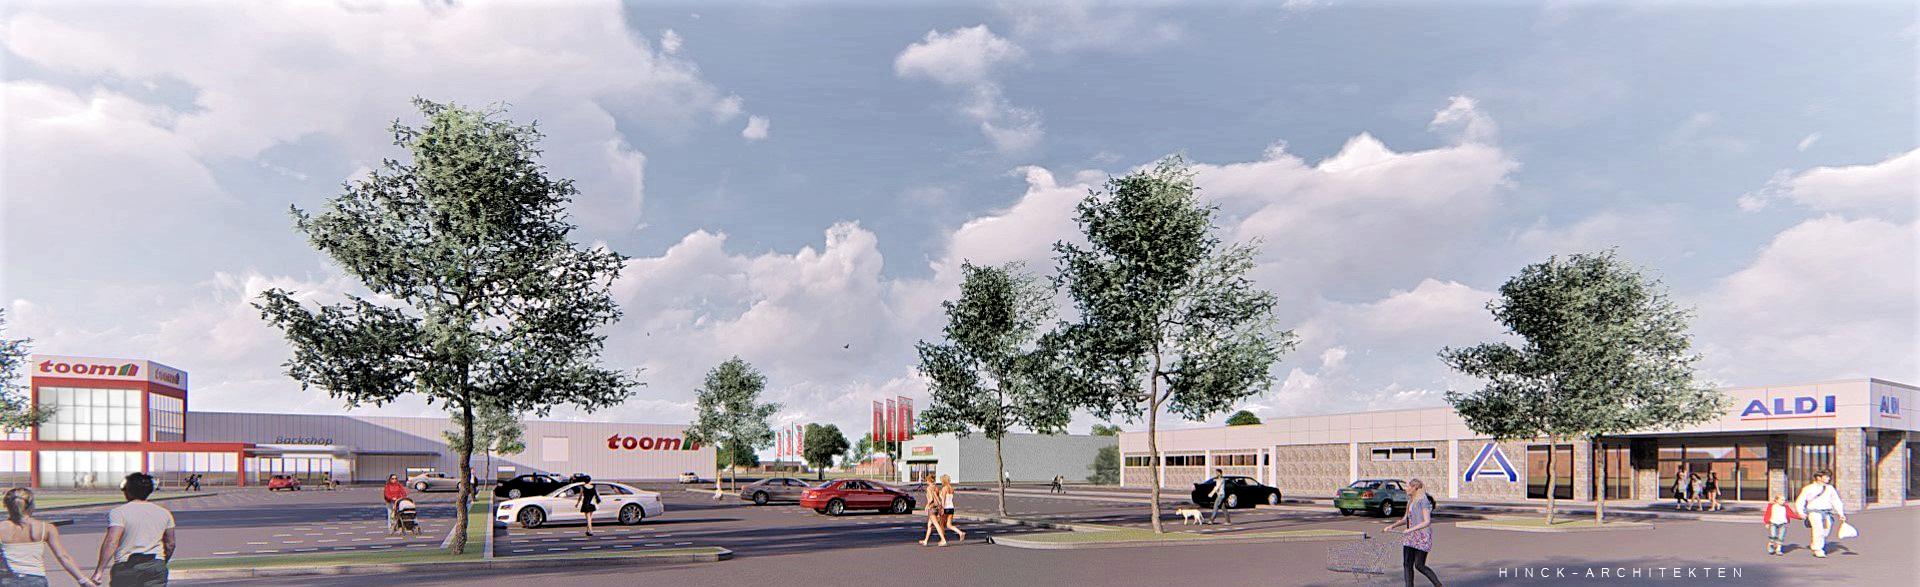 Fachmarktzentrum  Freiburger Strasse in Stade 2018